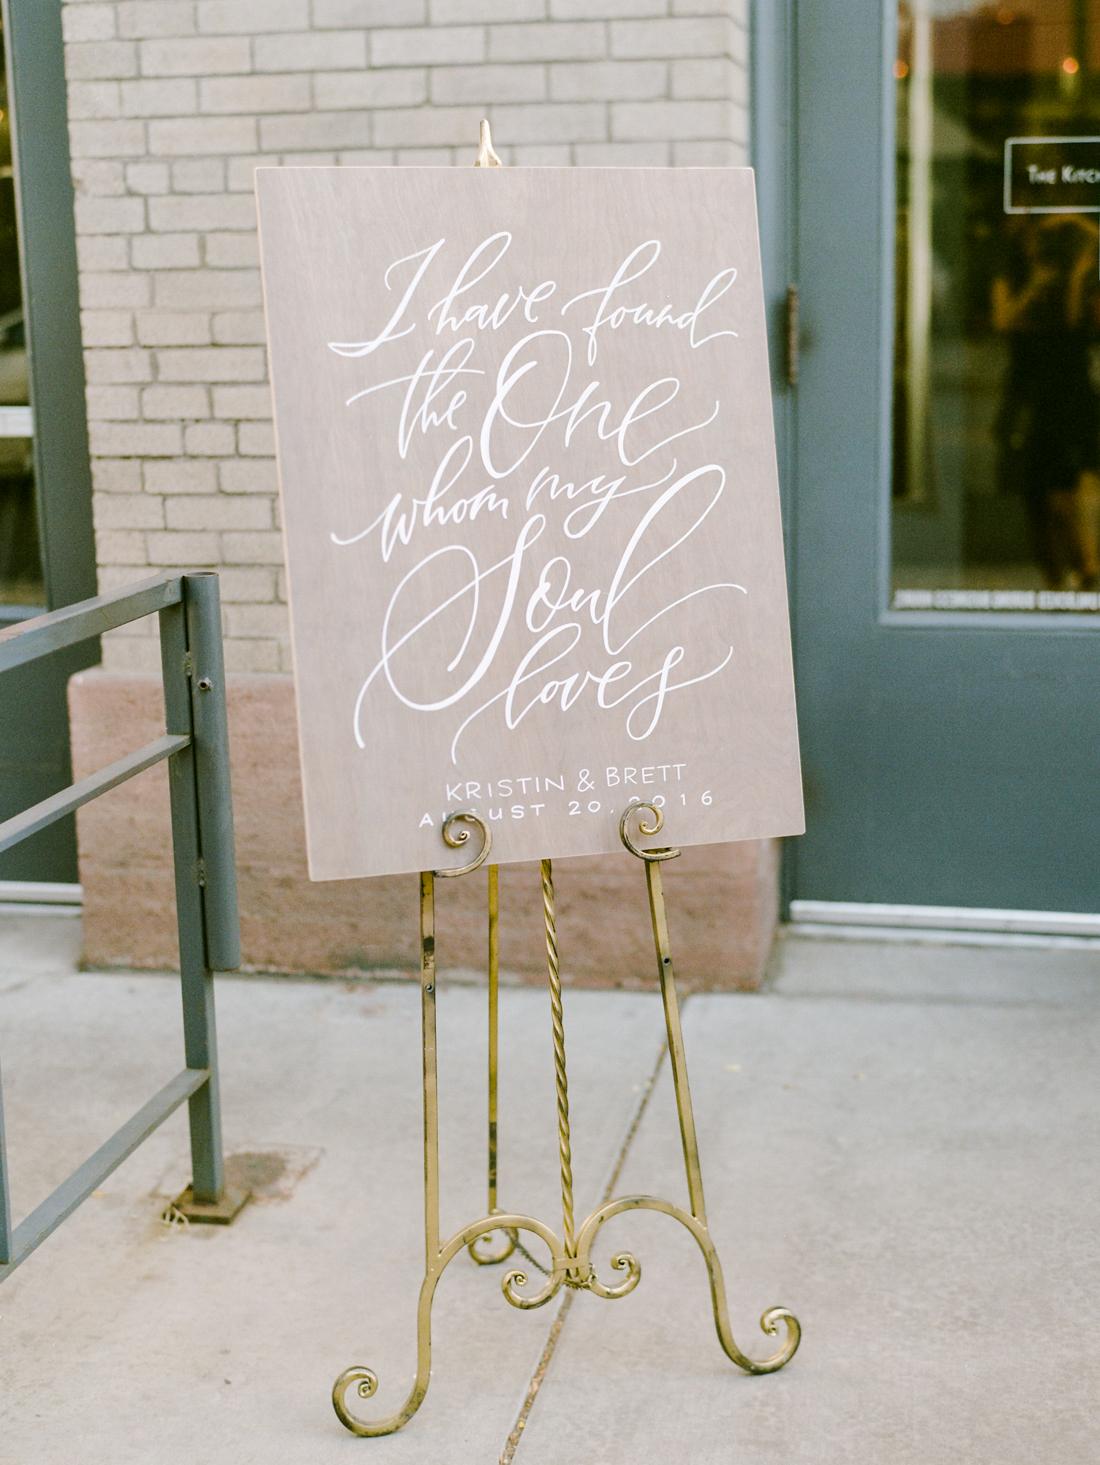 Kristin_Brett_TheKitchen_Denver_Wedding_by_Connie_Whitlock_web_208.jpg